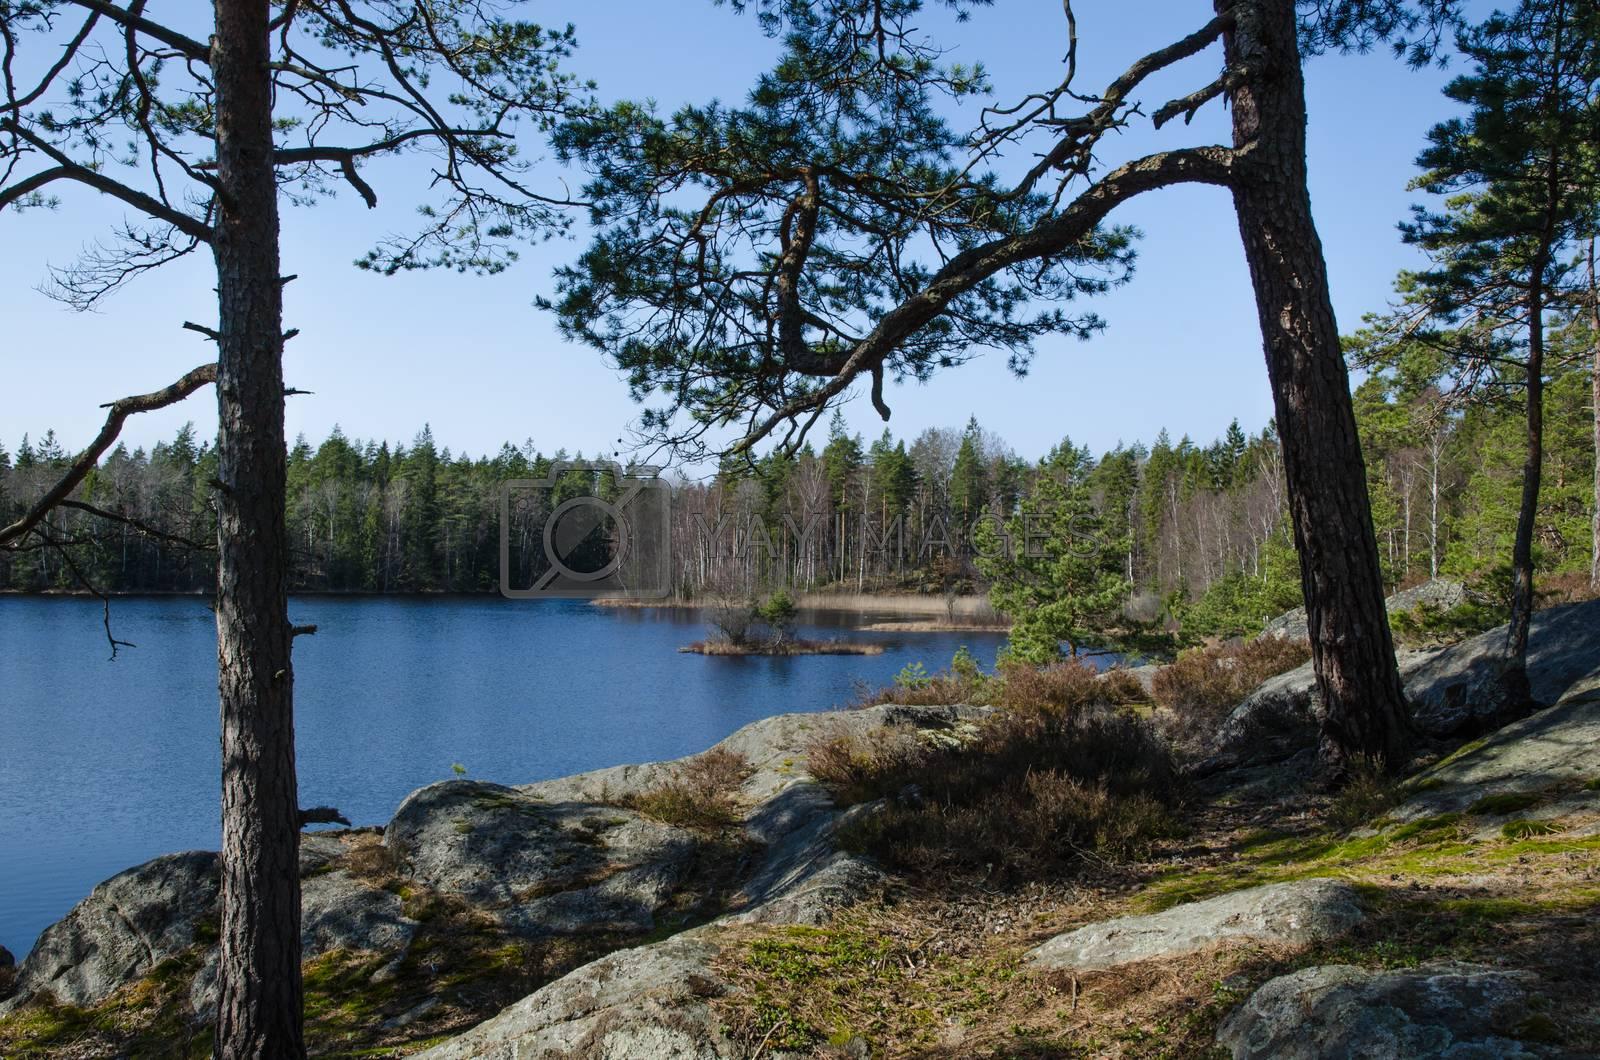 Royalty free image of Woodland lake scenery by olandsfokus